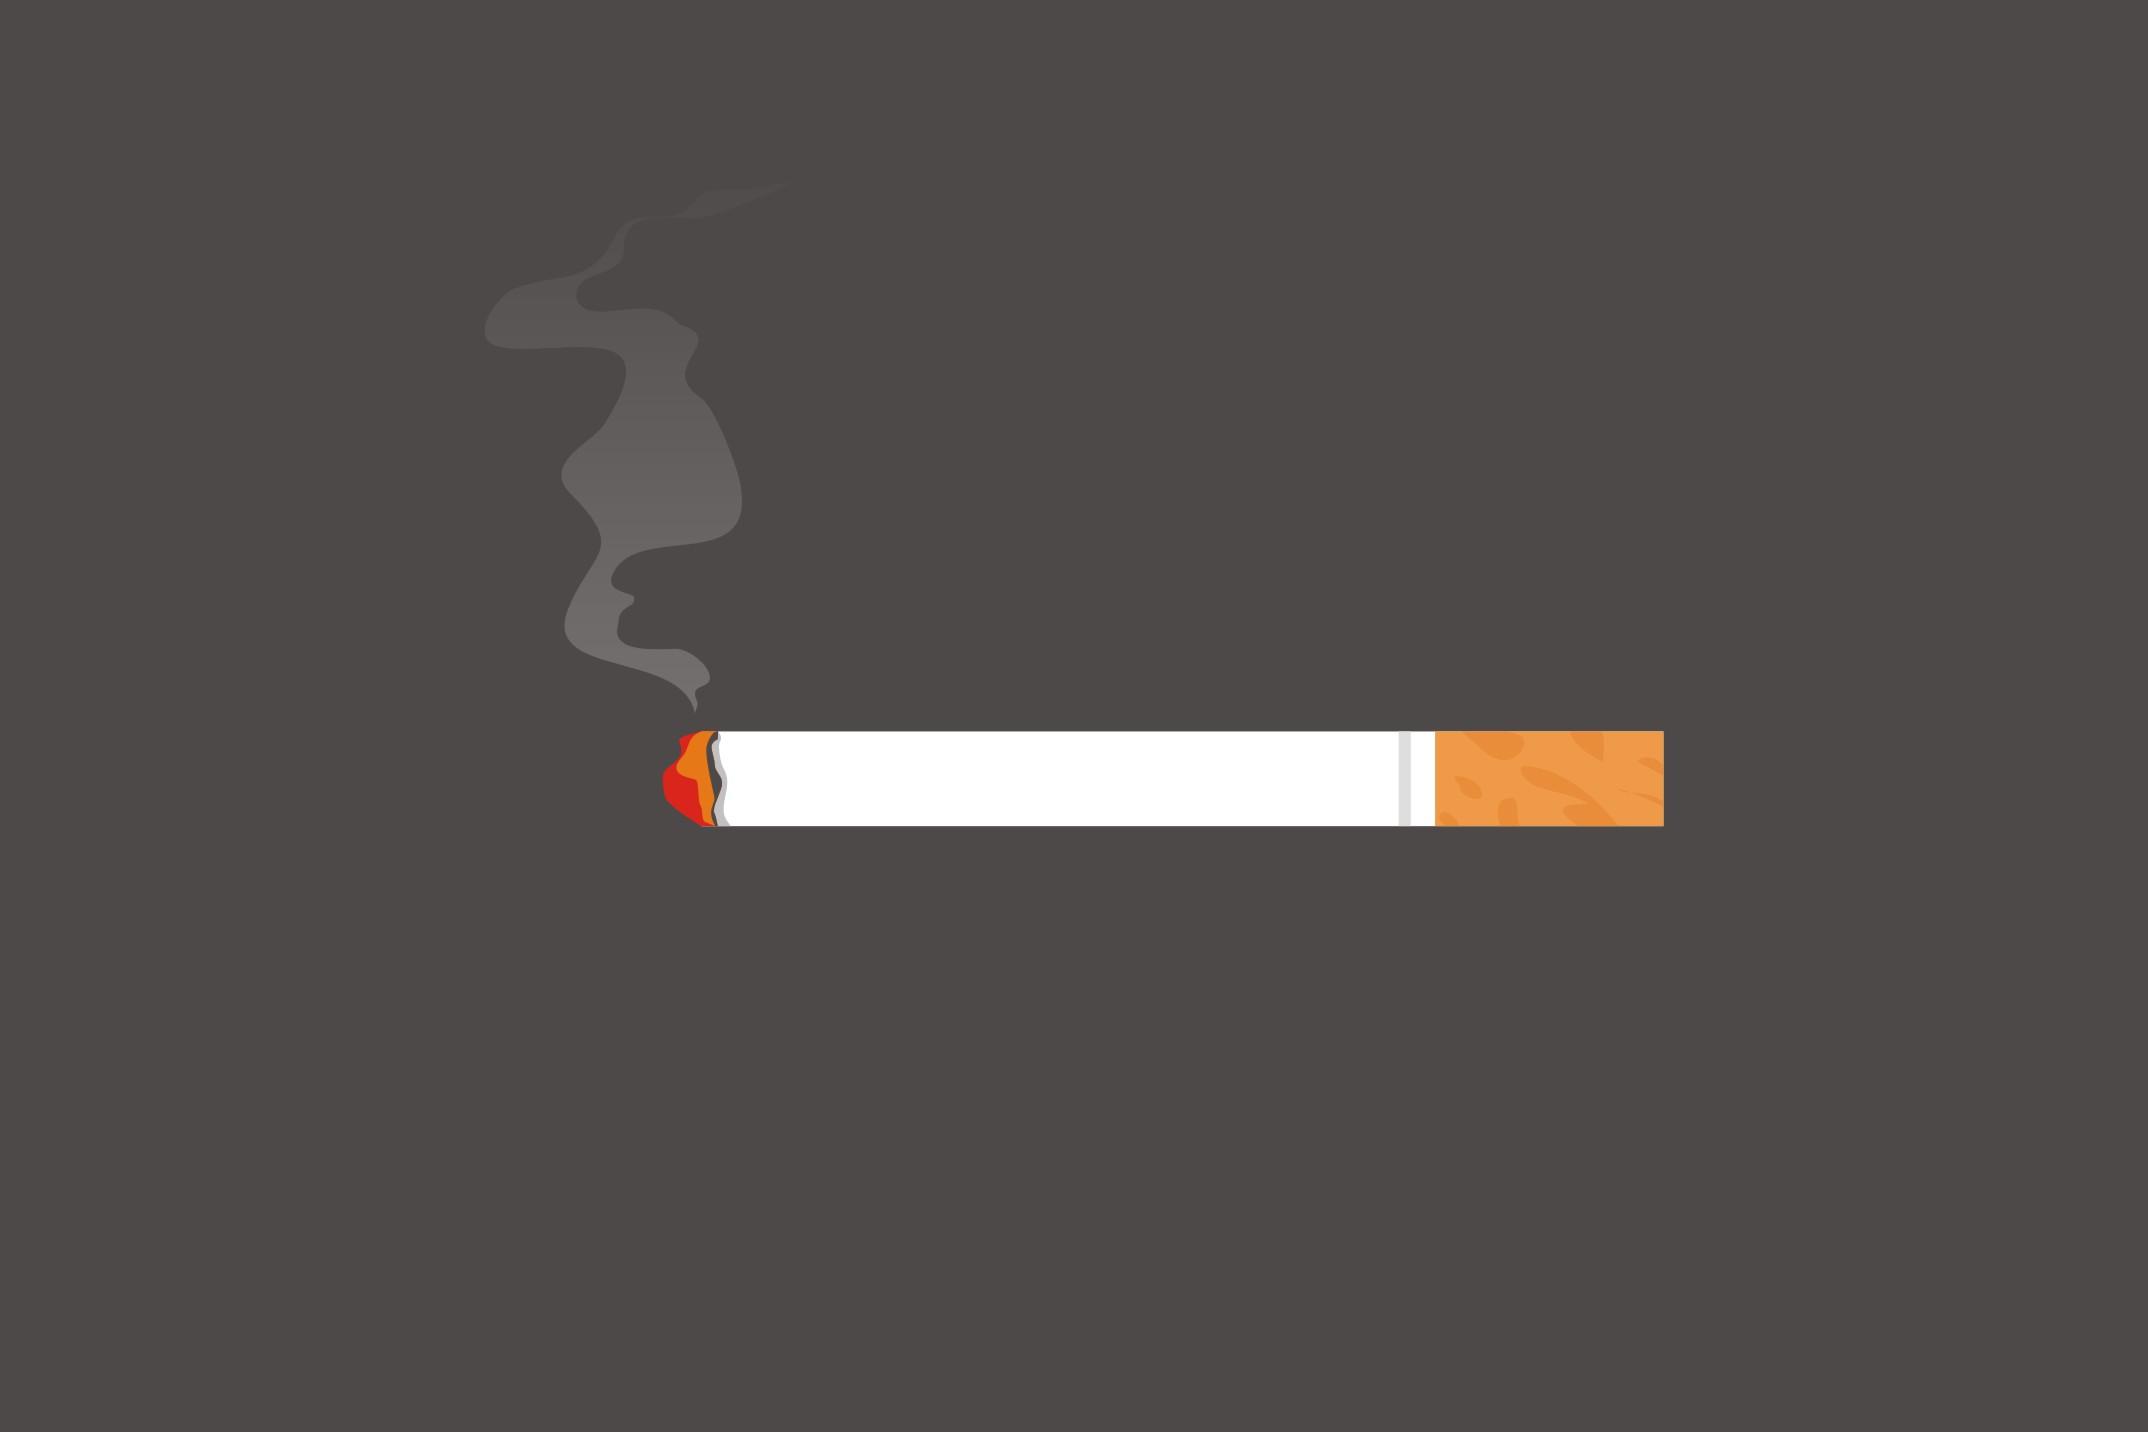 Sering nyeri punggung? Hati-hati, itu bisa karena kebiasaan merokokmu!